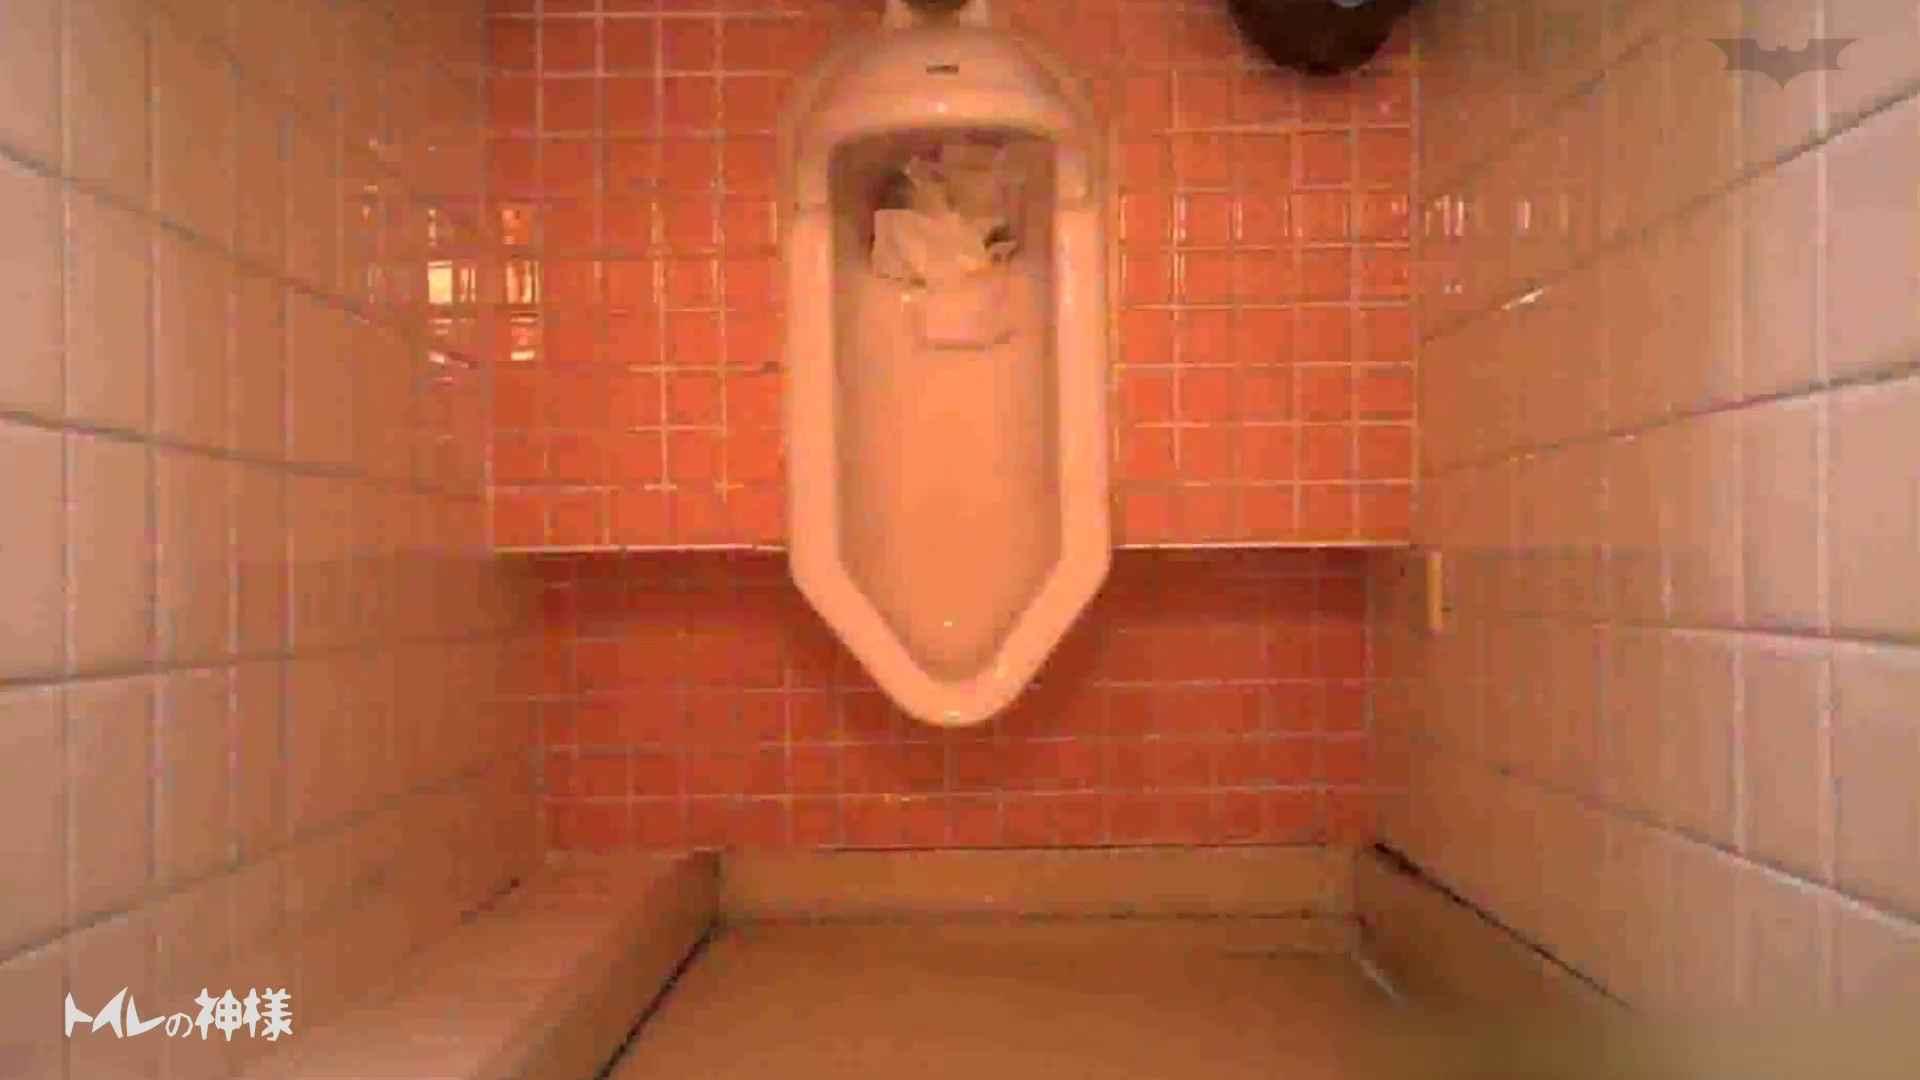 トイレの神様 Vol.10 お姉さんのSEX | 丸見え  75枚 19